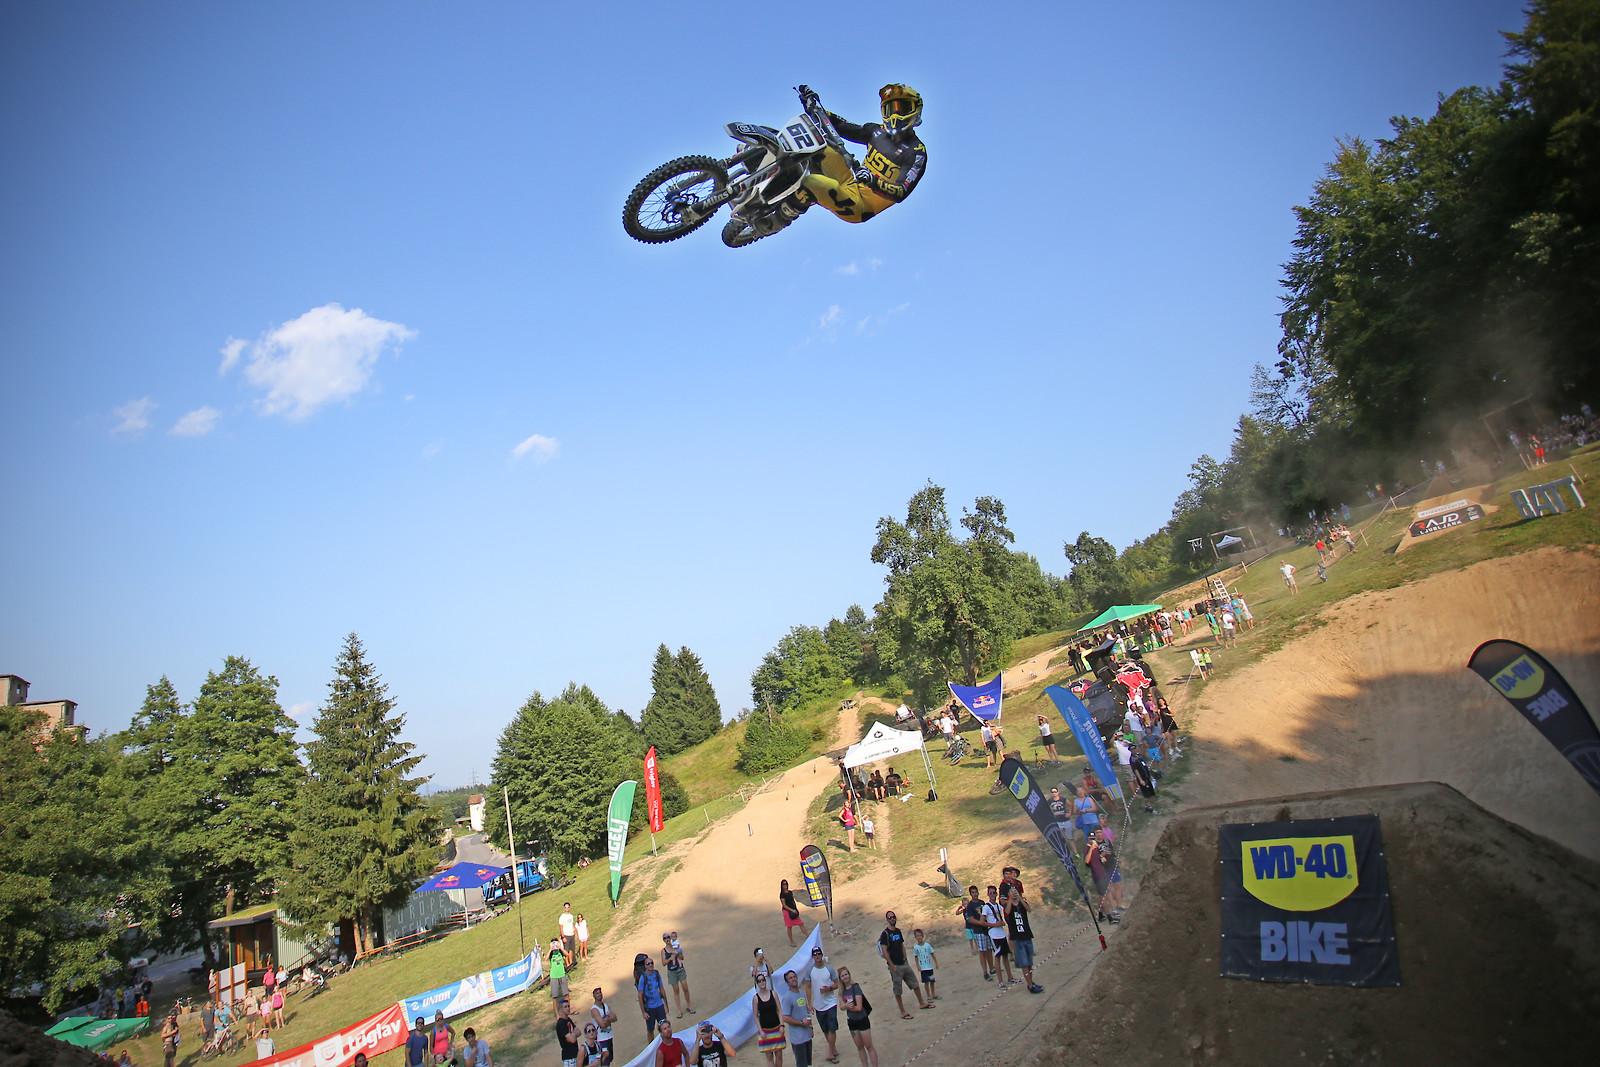 Klemen Gerčar #62 in the air - porson - Motocross Pictures - Vital MX